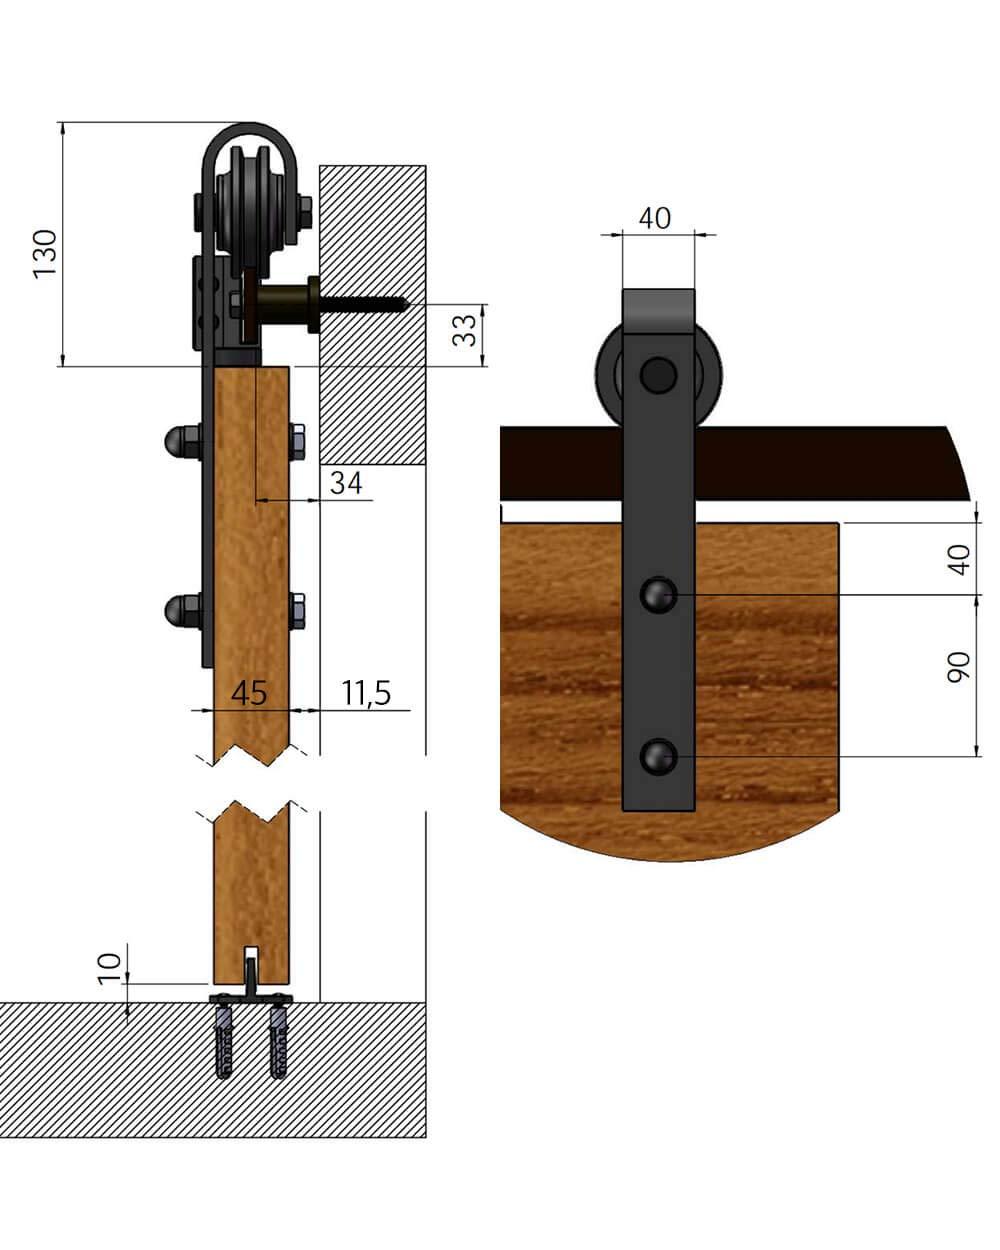 Sistema de puerta corredera recta 200 cm 3 colores Sistema de puerta corredera recta de 2 metros Juego completo con ruedas y carril